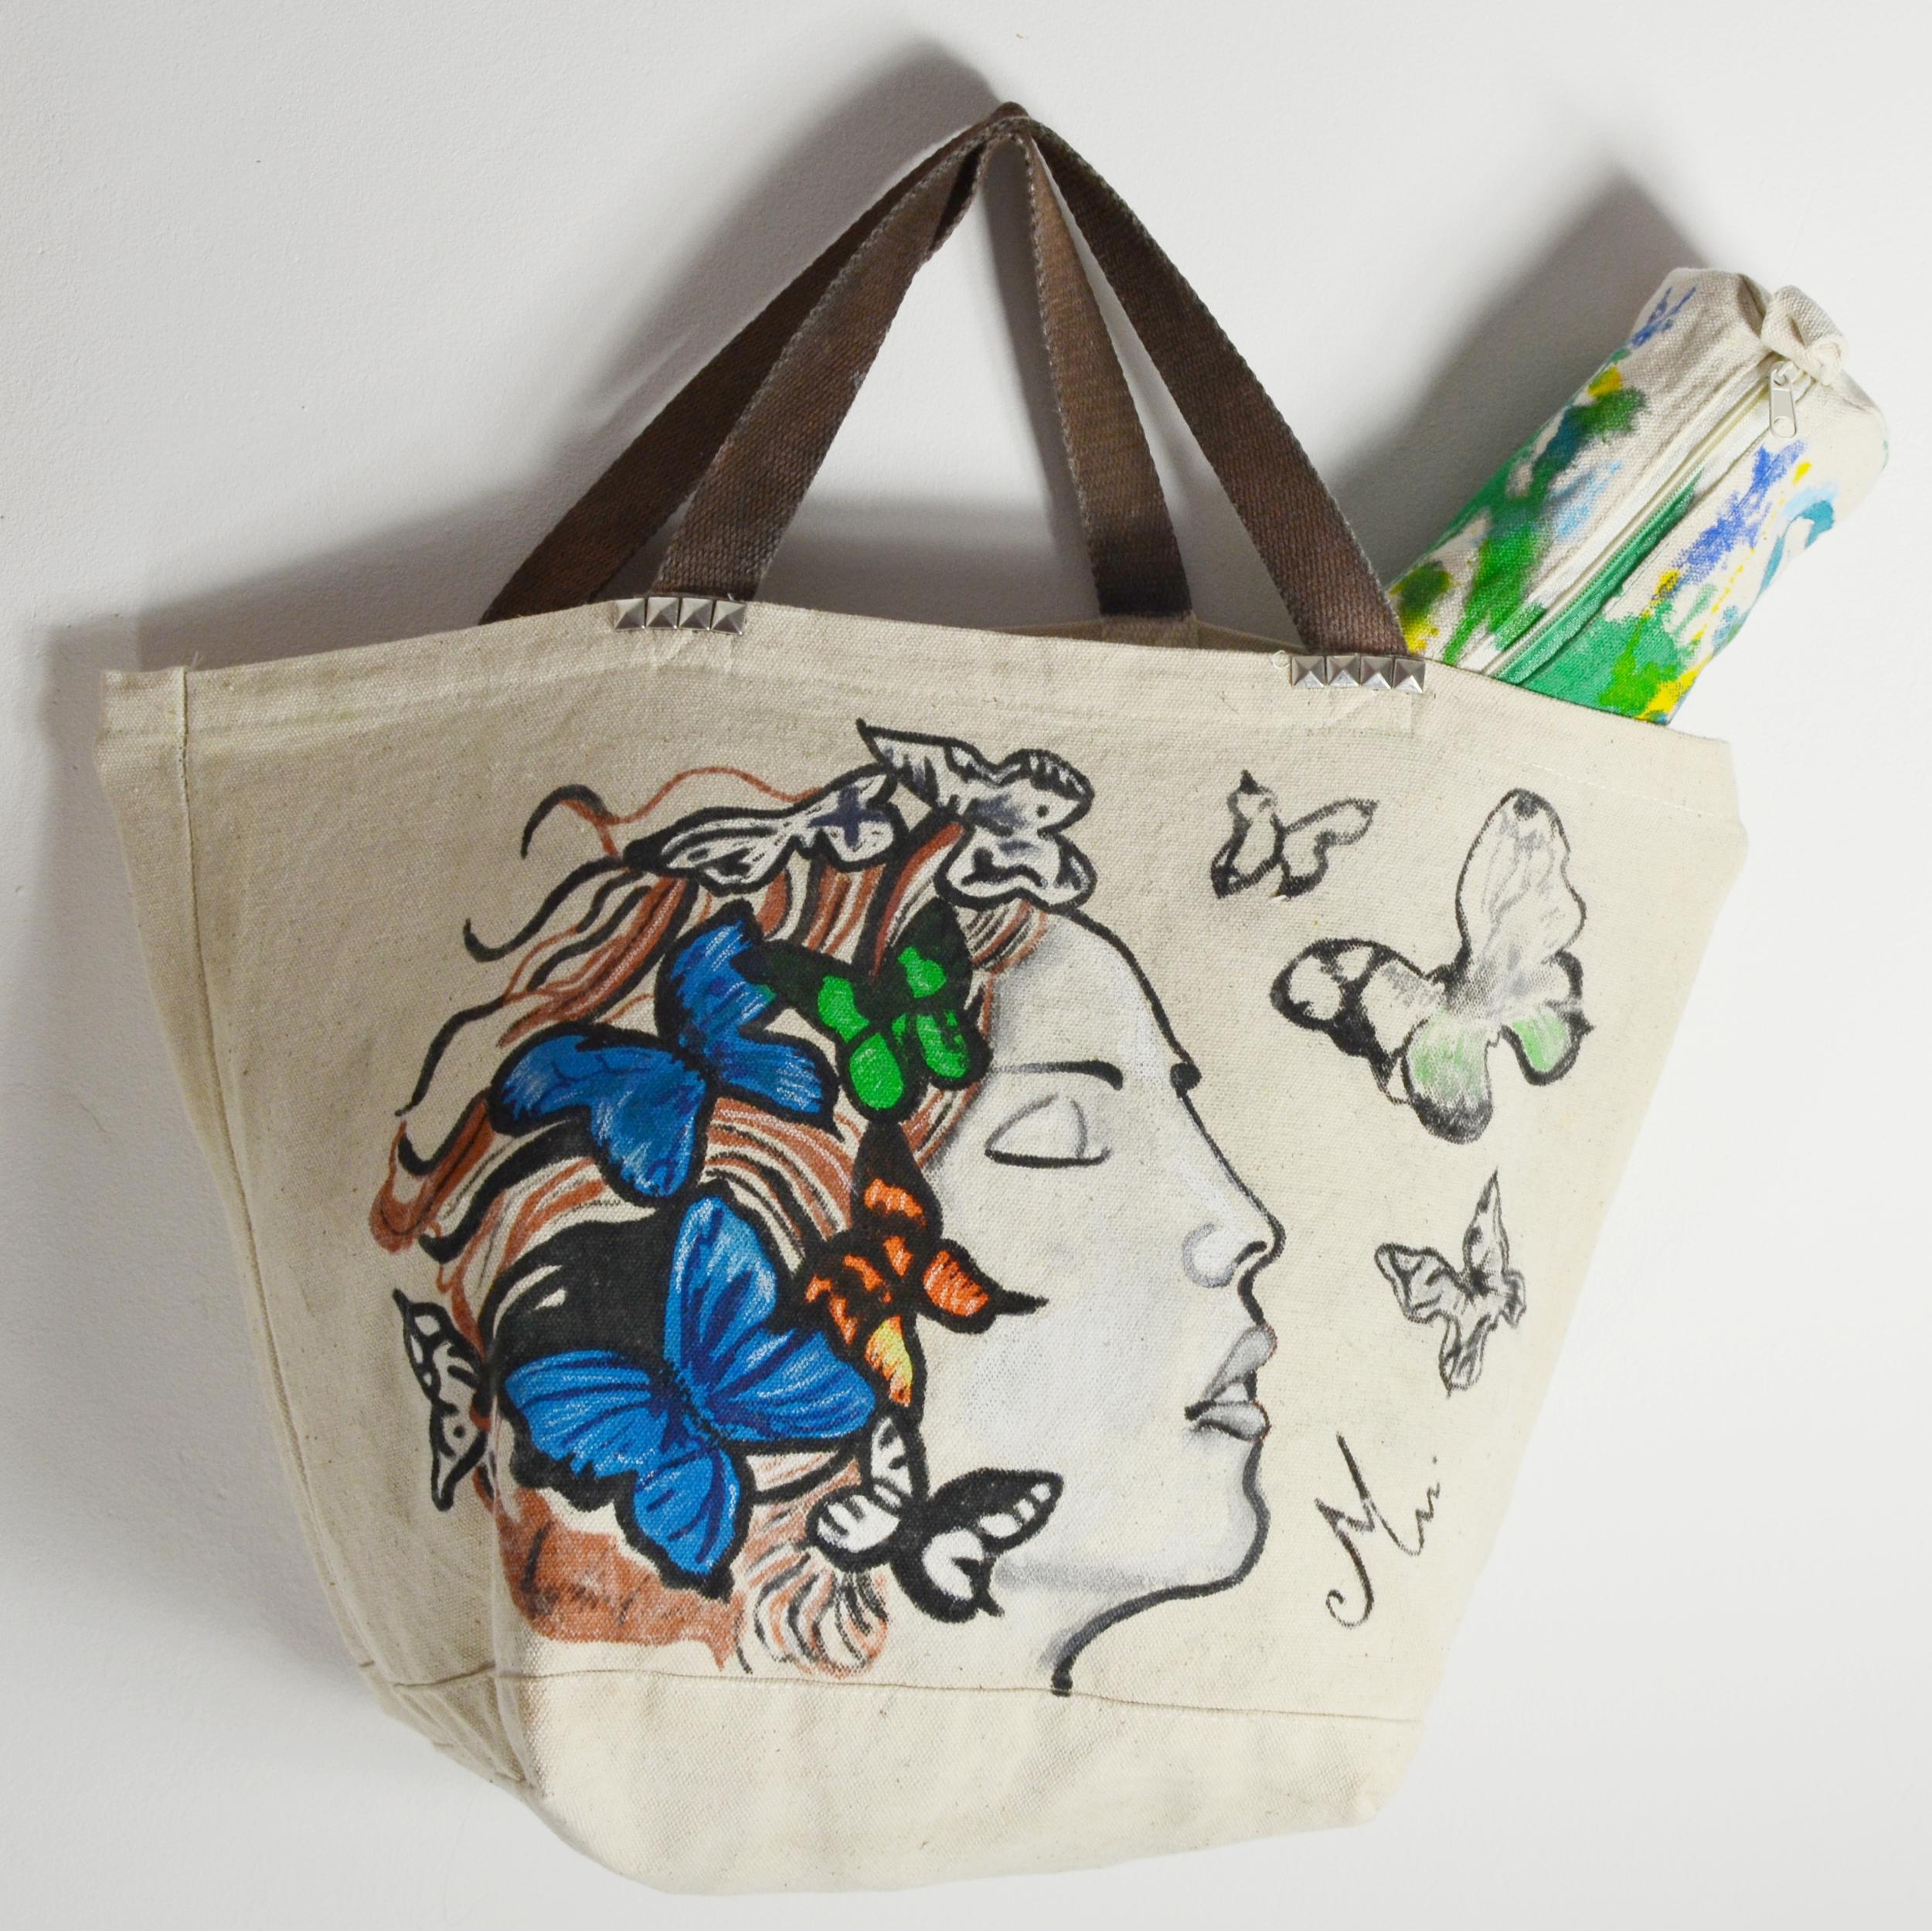 7d7f3315a8 sac coton peint à la main écru et multicolore sweet - Sacs textiles ...